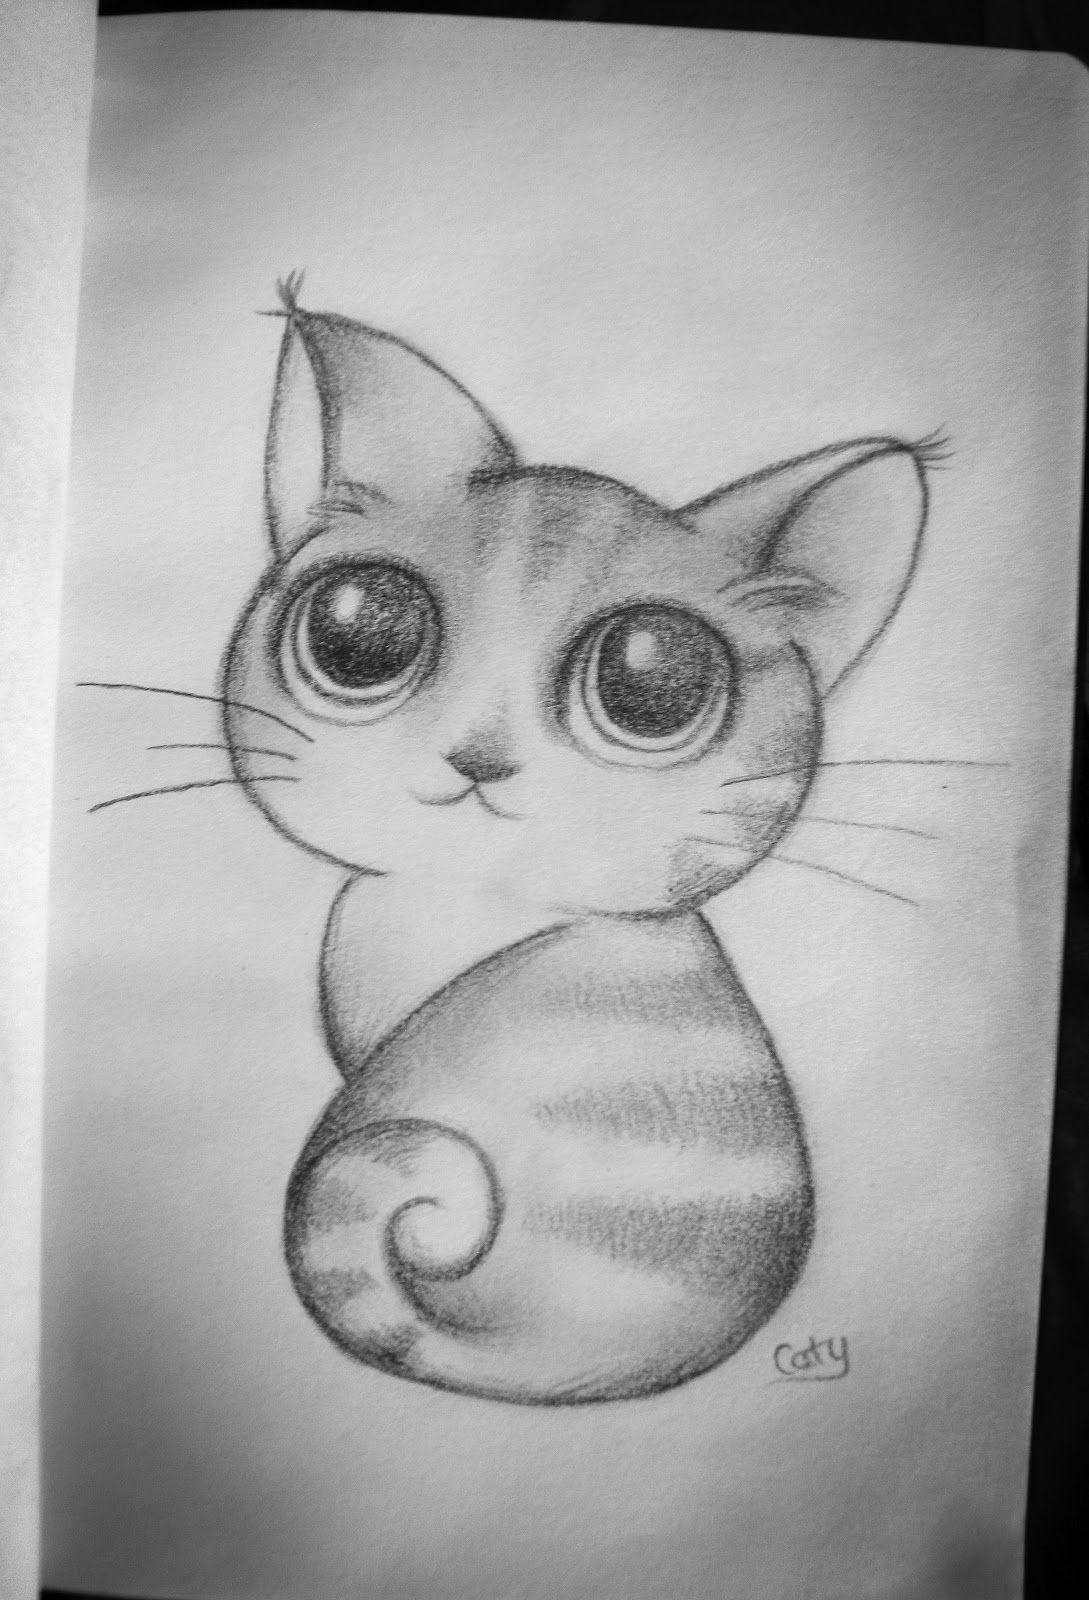 Ultimamente ho ricominciato a disegnare una di quelle for Disegni da copiare a matita